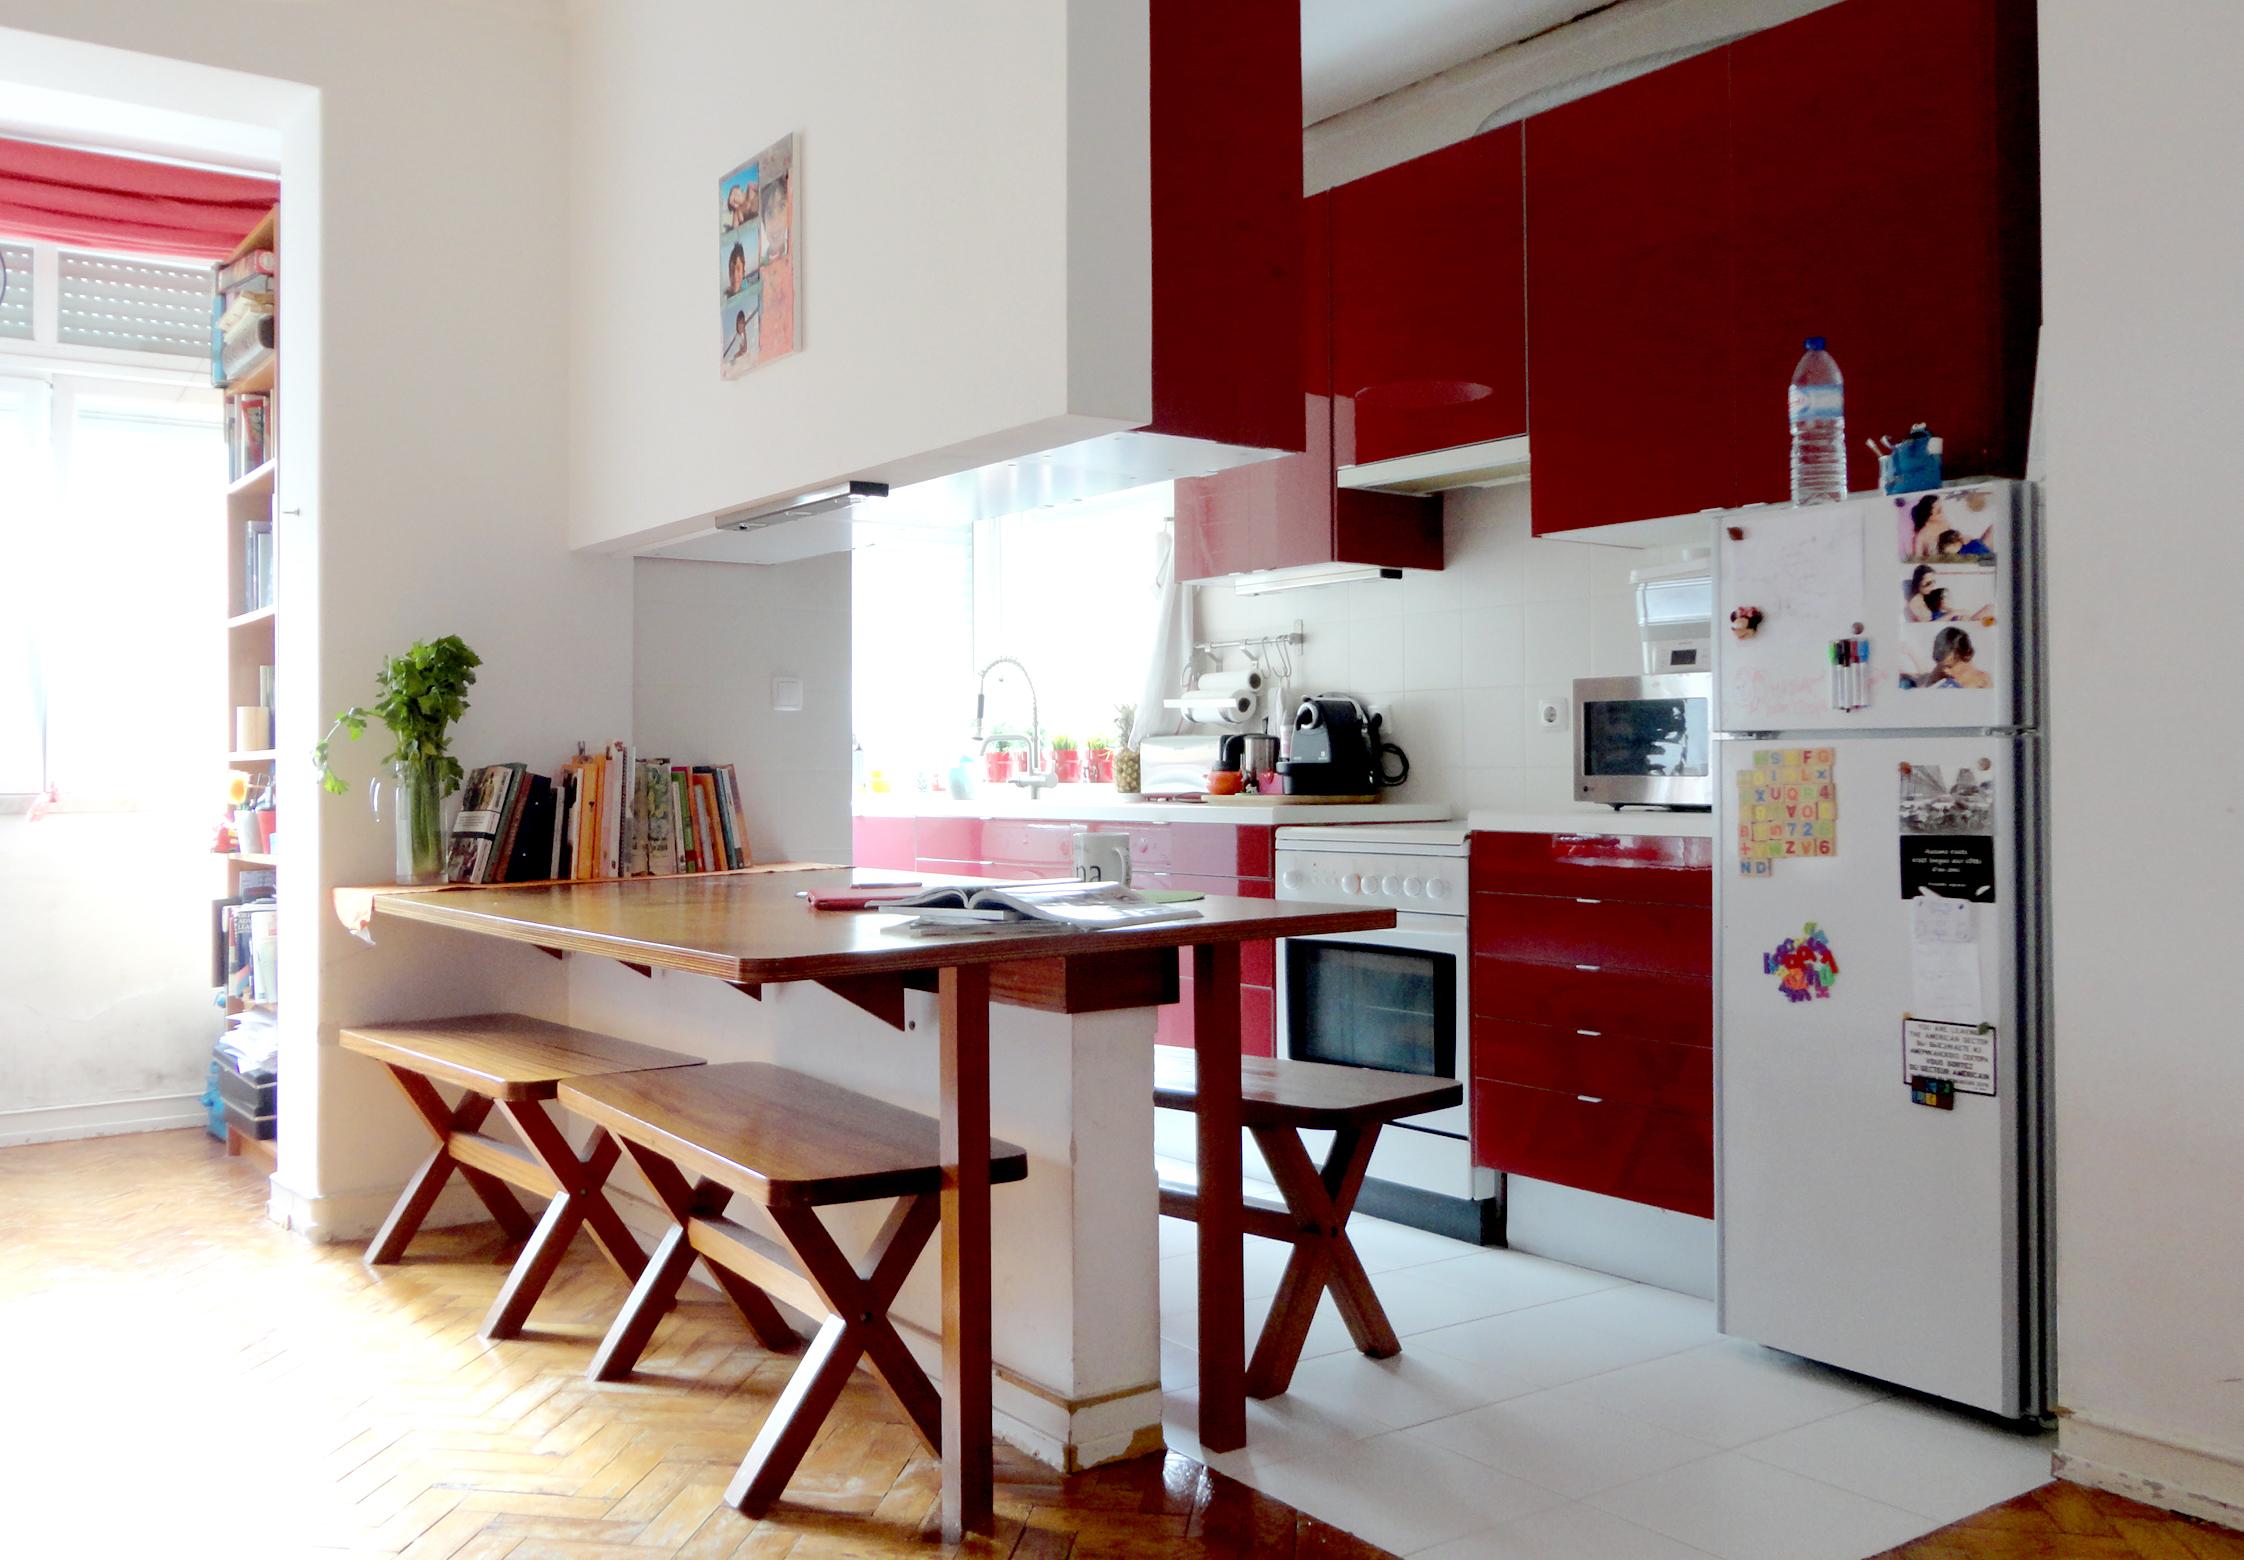 o vermelho para aguçar ainda mais o apetite a quem a acompanha nos jantares elaborados com comida boa que adora preparar para os seus